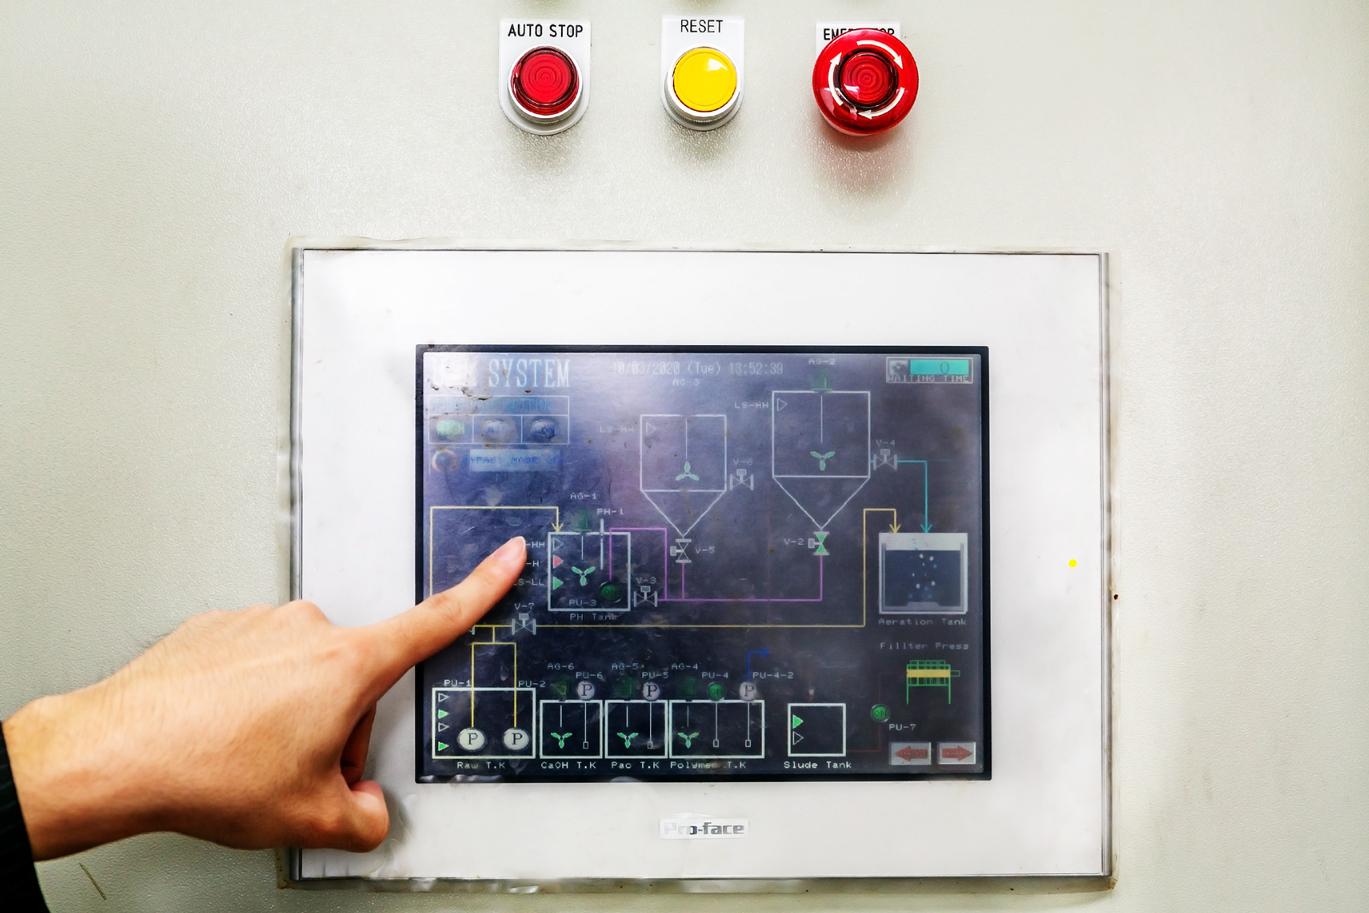 Ph調整剤や凝集剤はプログラミングにより自動で供給。管理もタッチパネル式の操作盤で簡単に行えるので省力的